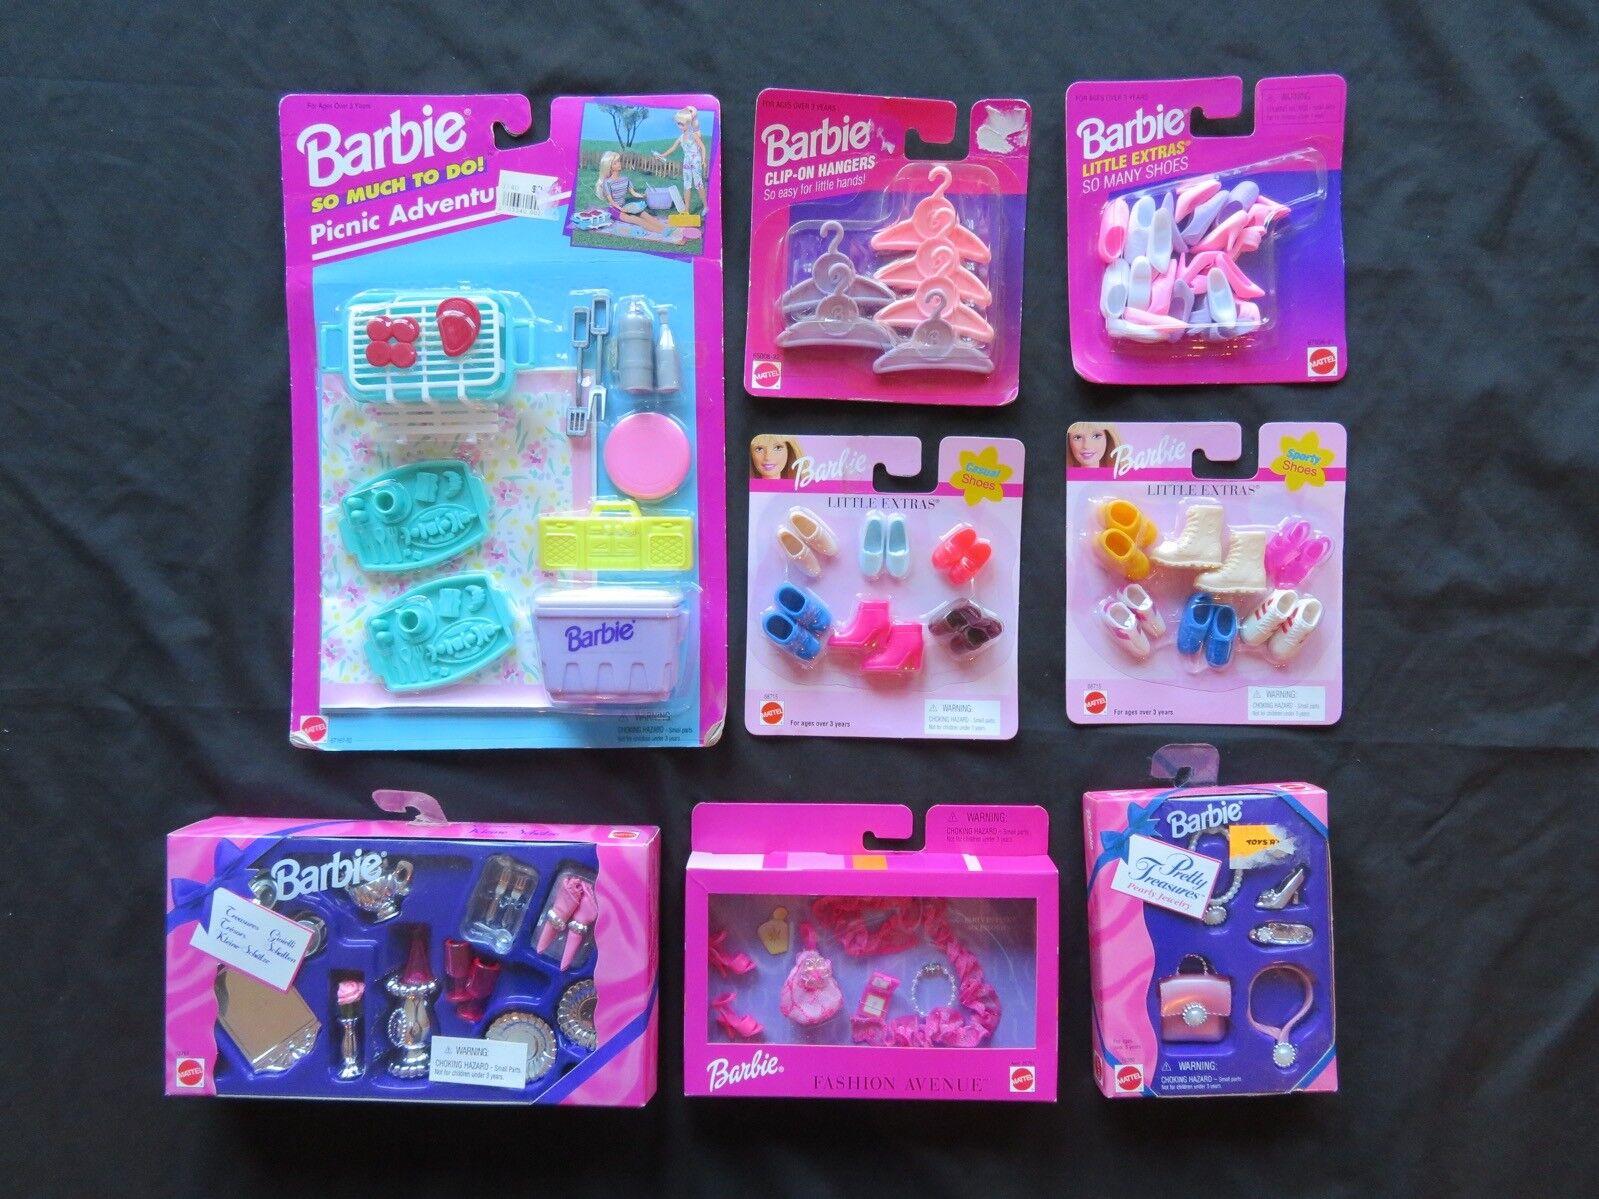 Nuovo Vintage 90s Barbie Accessorio Lotto  di Sautope Appendiabiti Extras Pretty  ordina ora con grande sconto e consegna gratuita